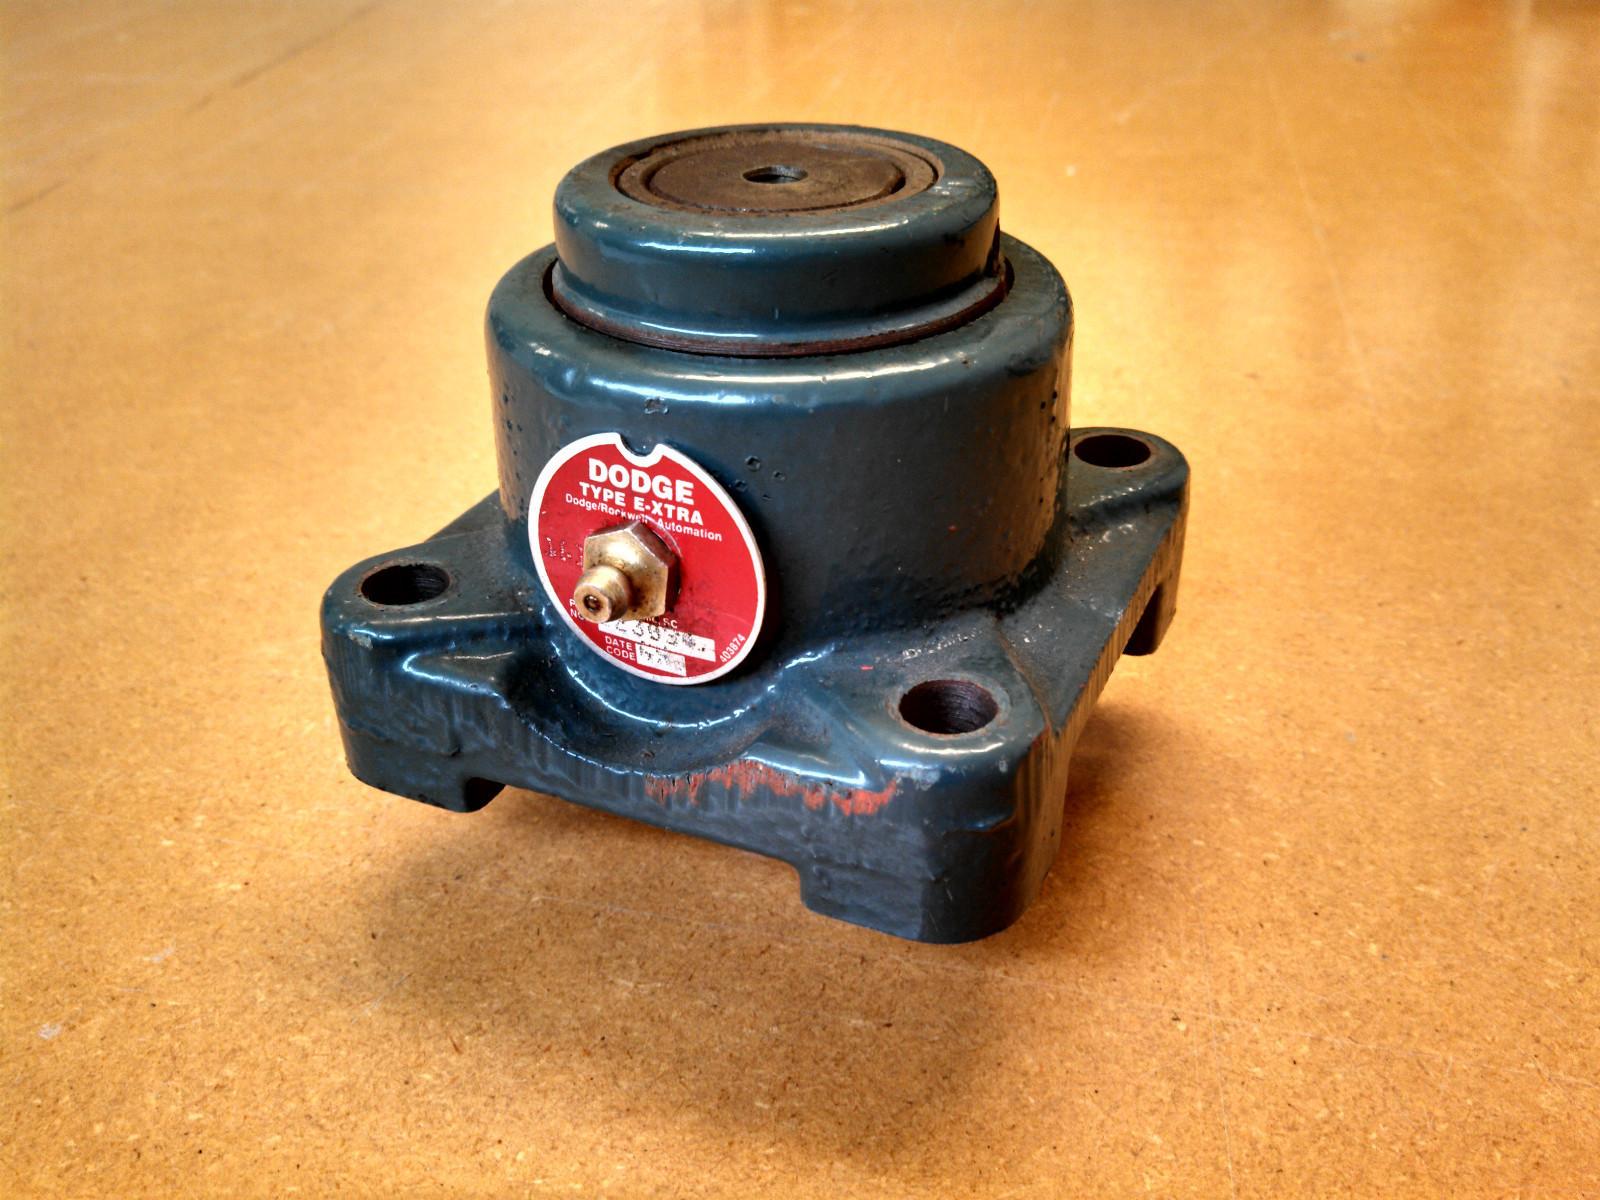 dodge  flange bearing type  xtra fb    bolt base   shaft bearings